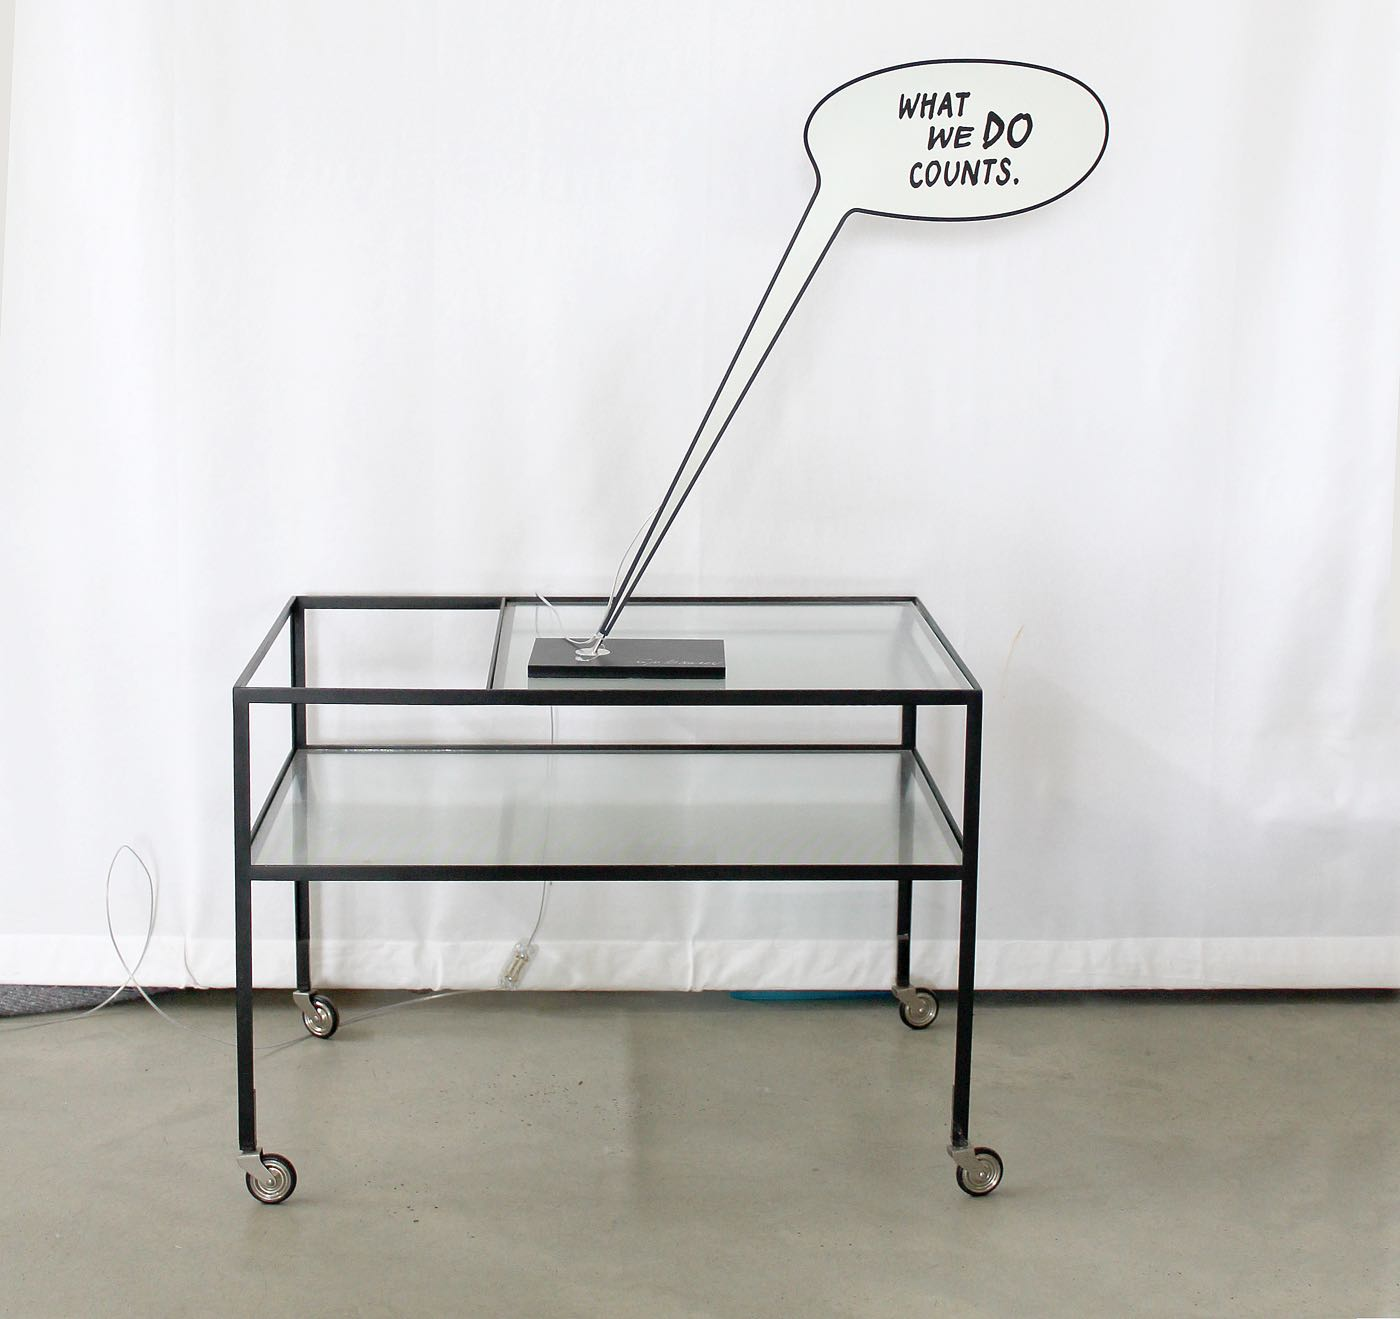 Ingo_Maurer-Lampe-What_we_do_counts-Signatur